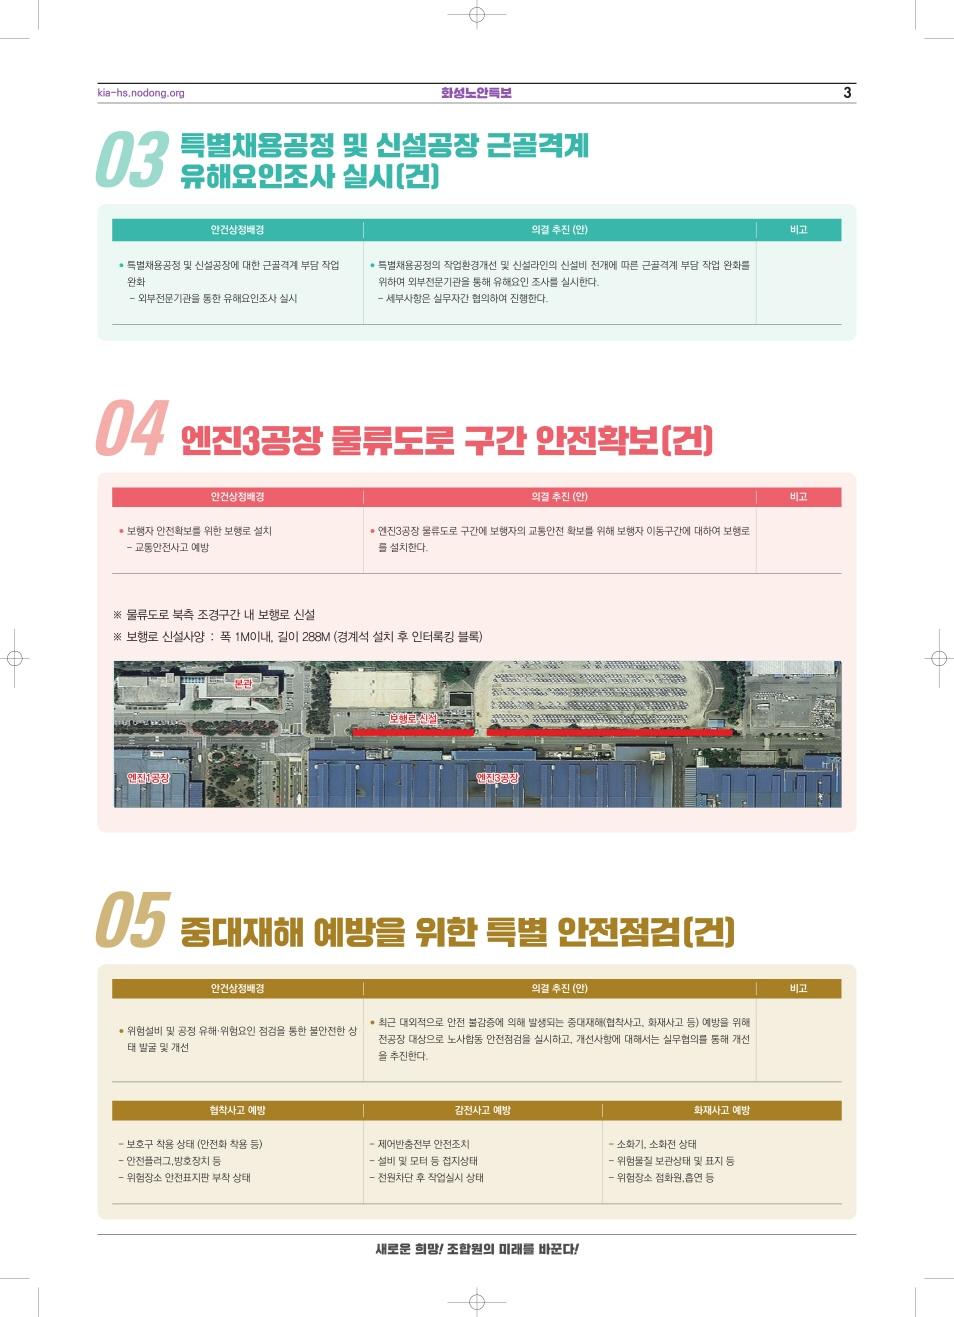 화성노안특보(최종)-0410-3[크기변환].jpg